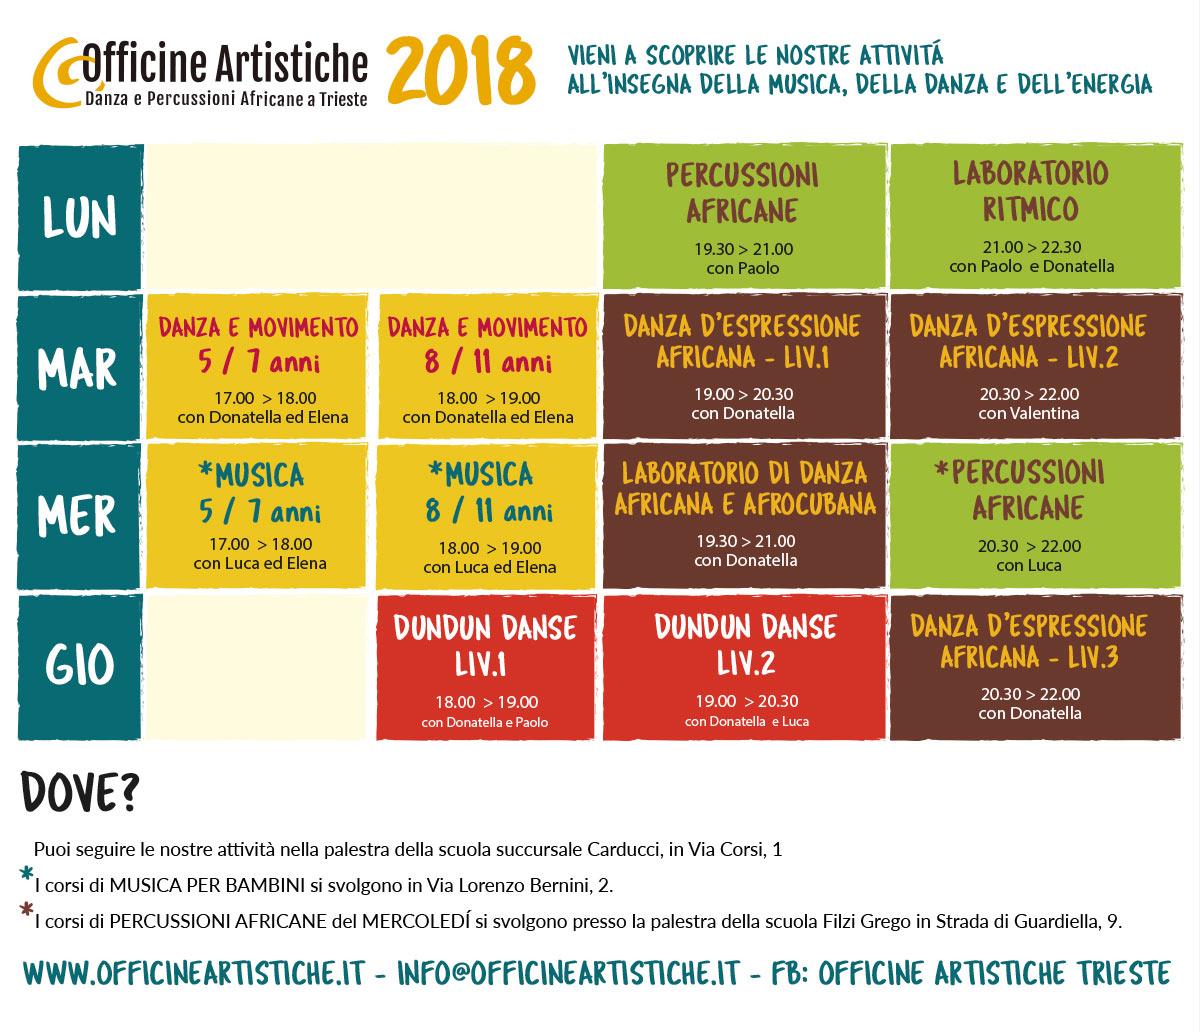 Orario Officine Artistiche 2018